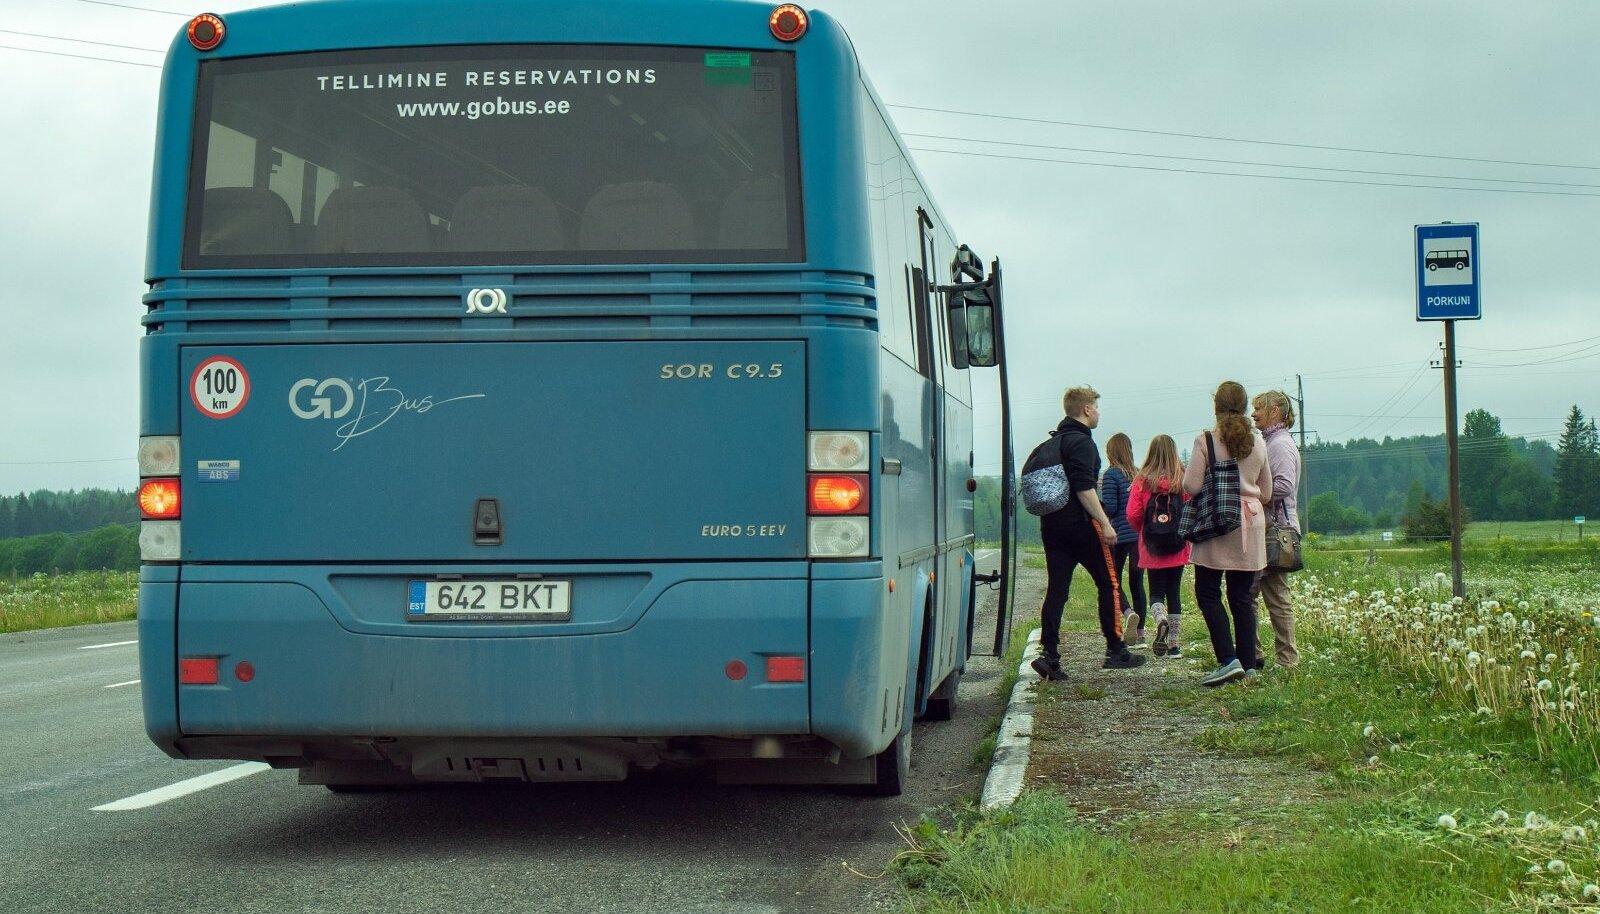 Go Bus,nõudepeatus, bussiliiklus, Rakvere - Järva Jaani liin